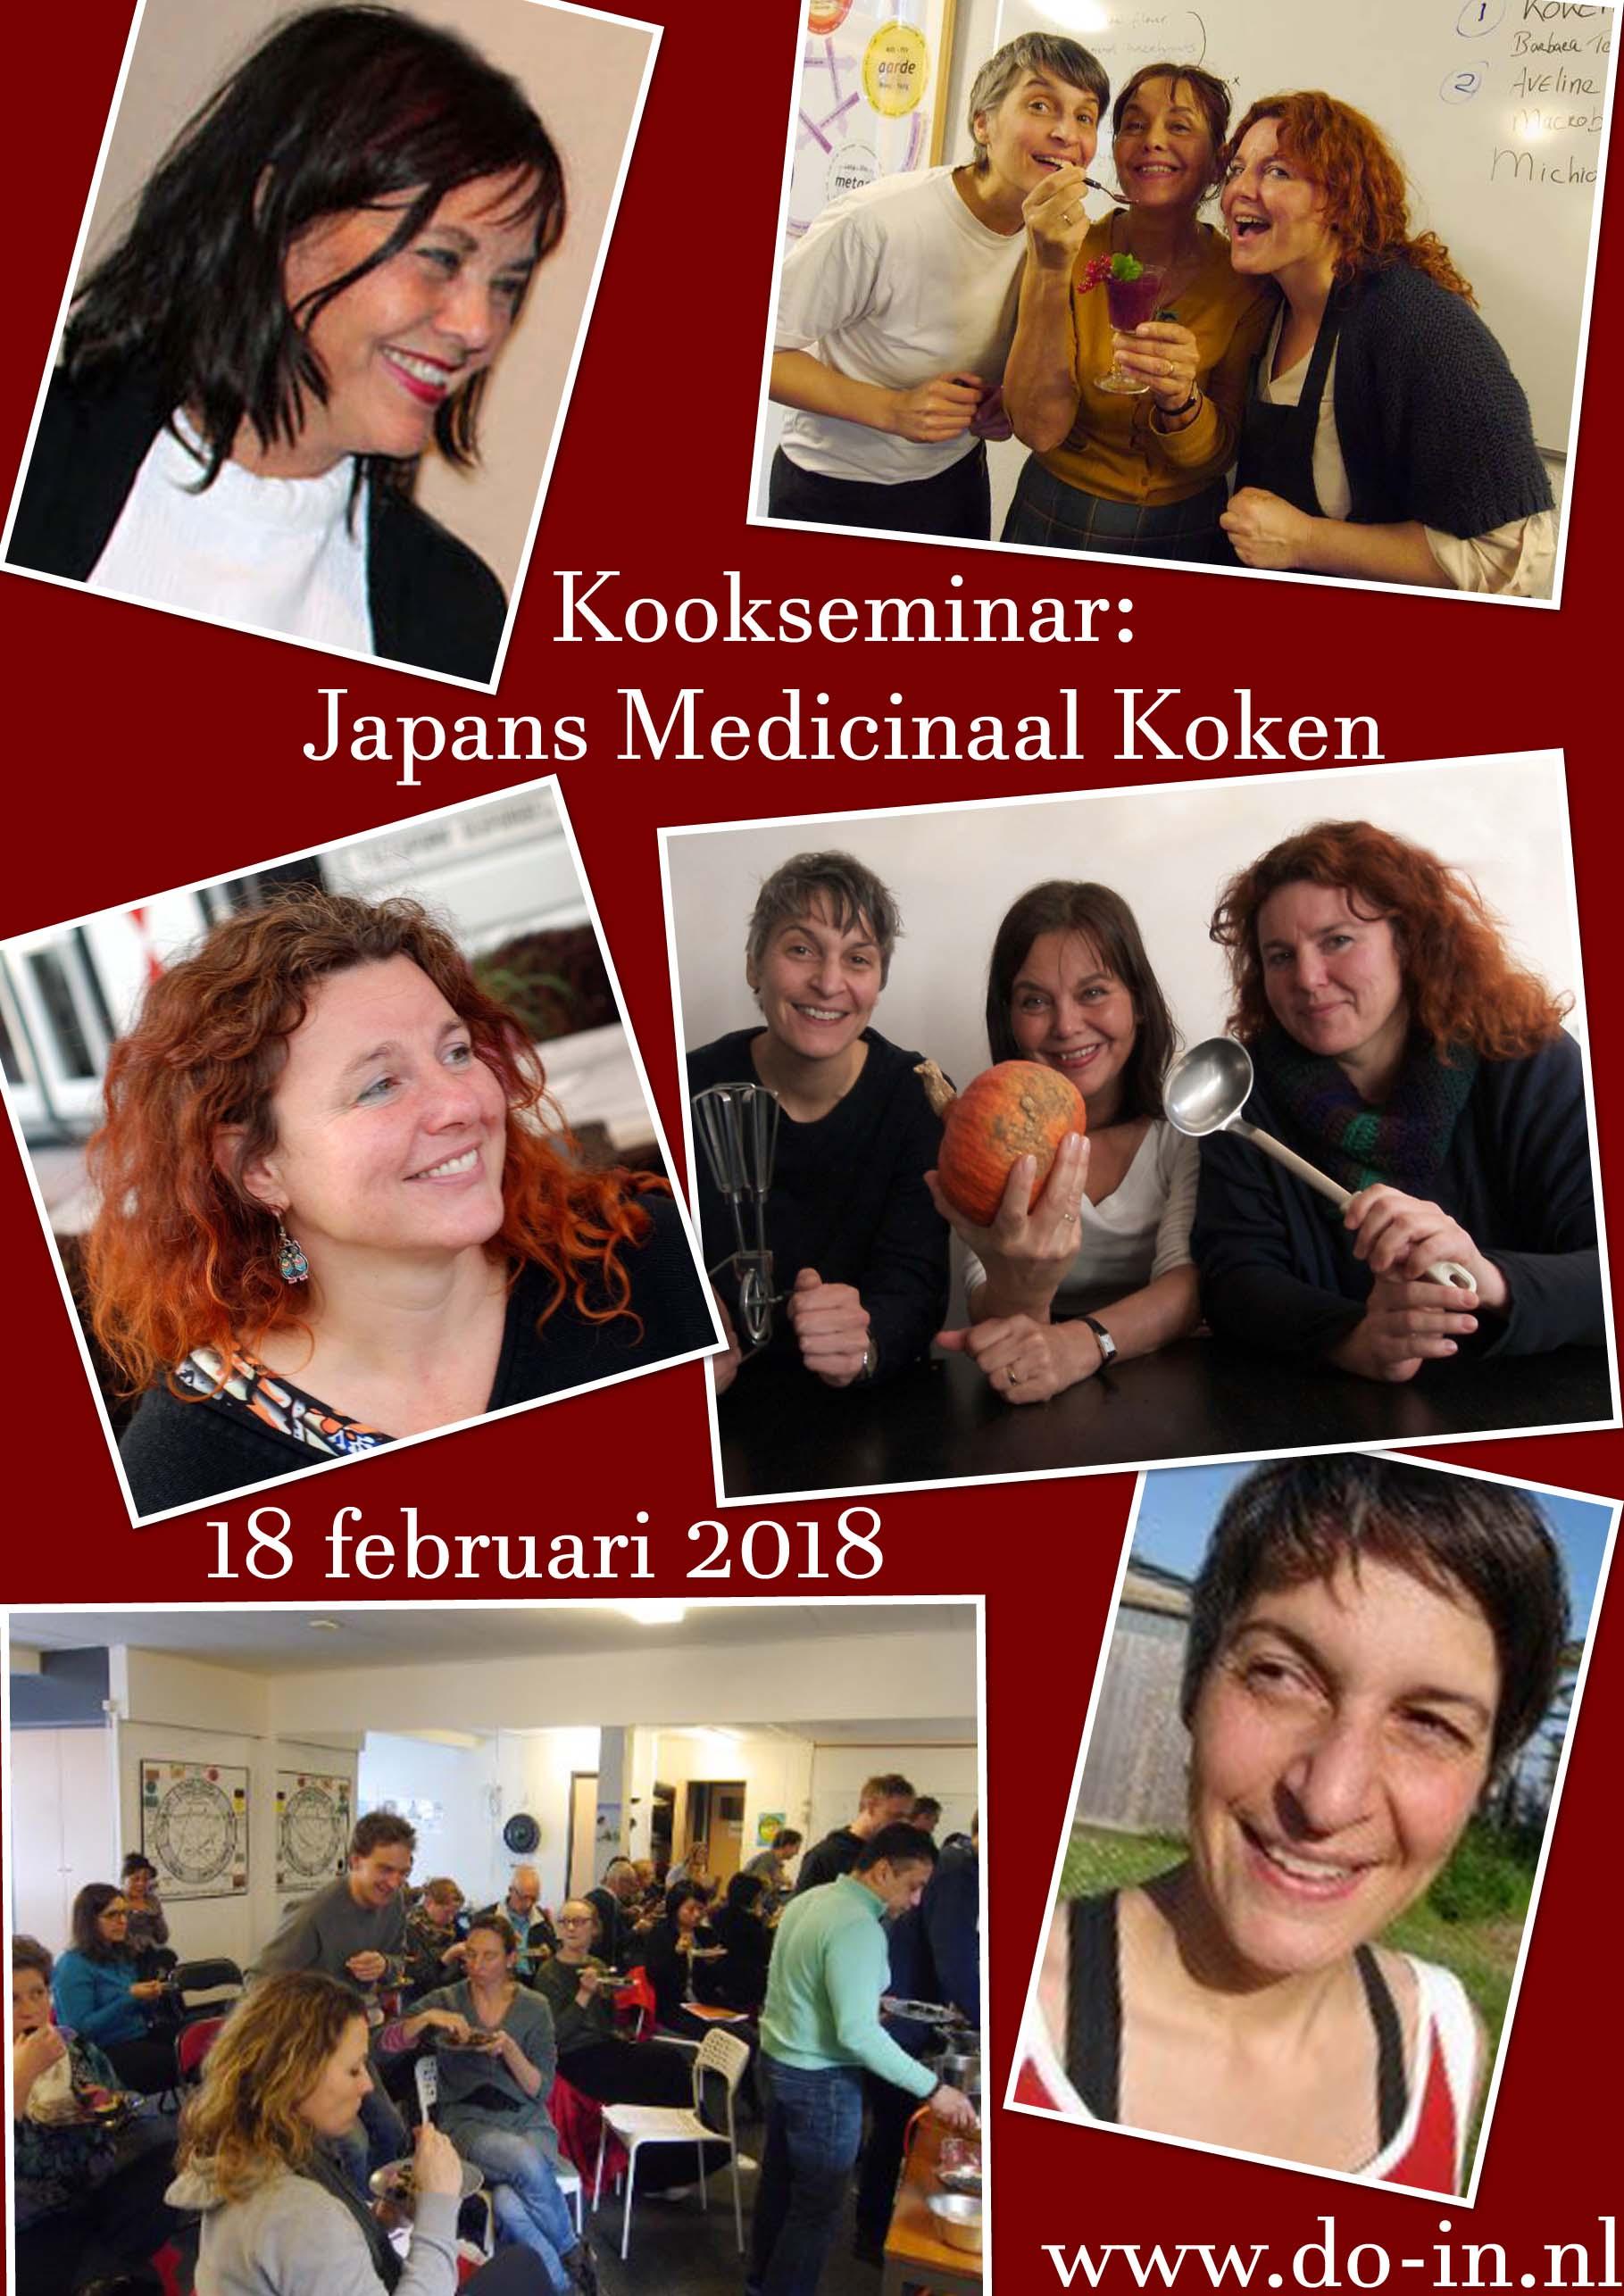 Nederlandse School voor DO-IN Bijscholing Kookseminar